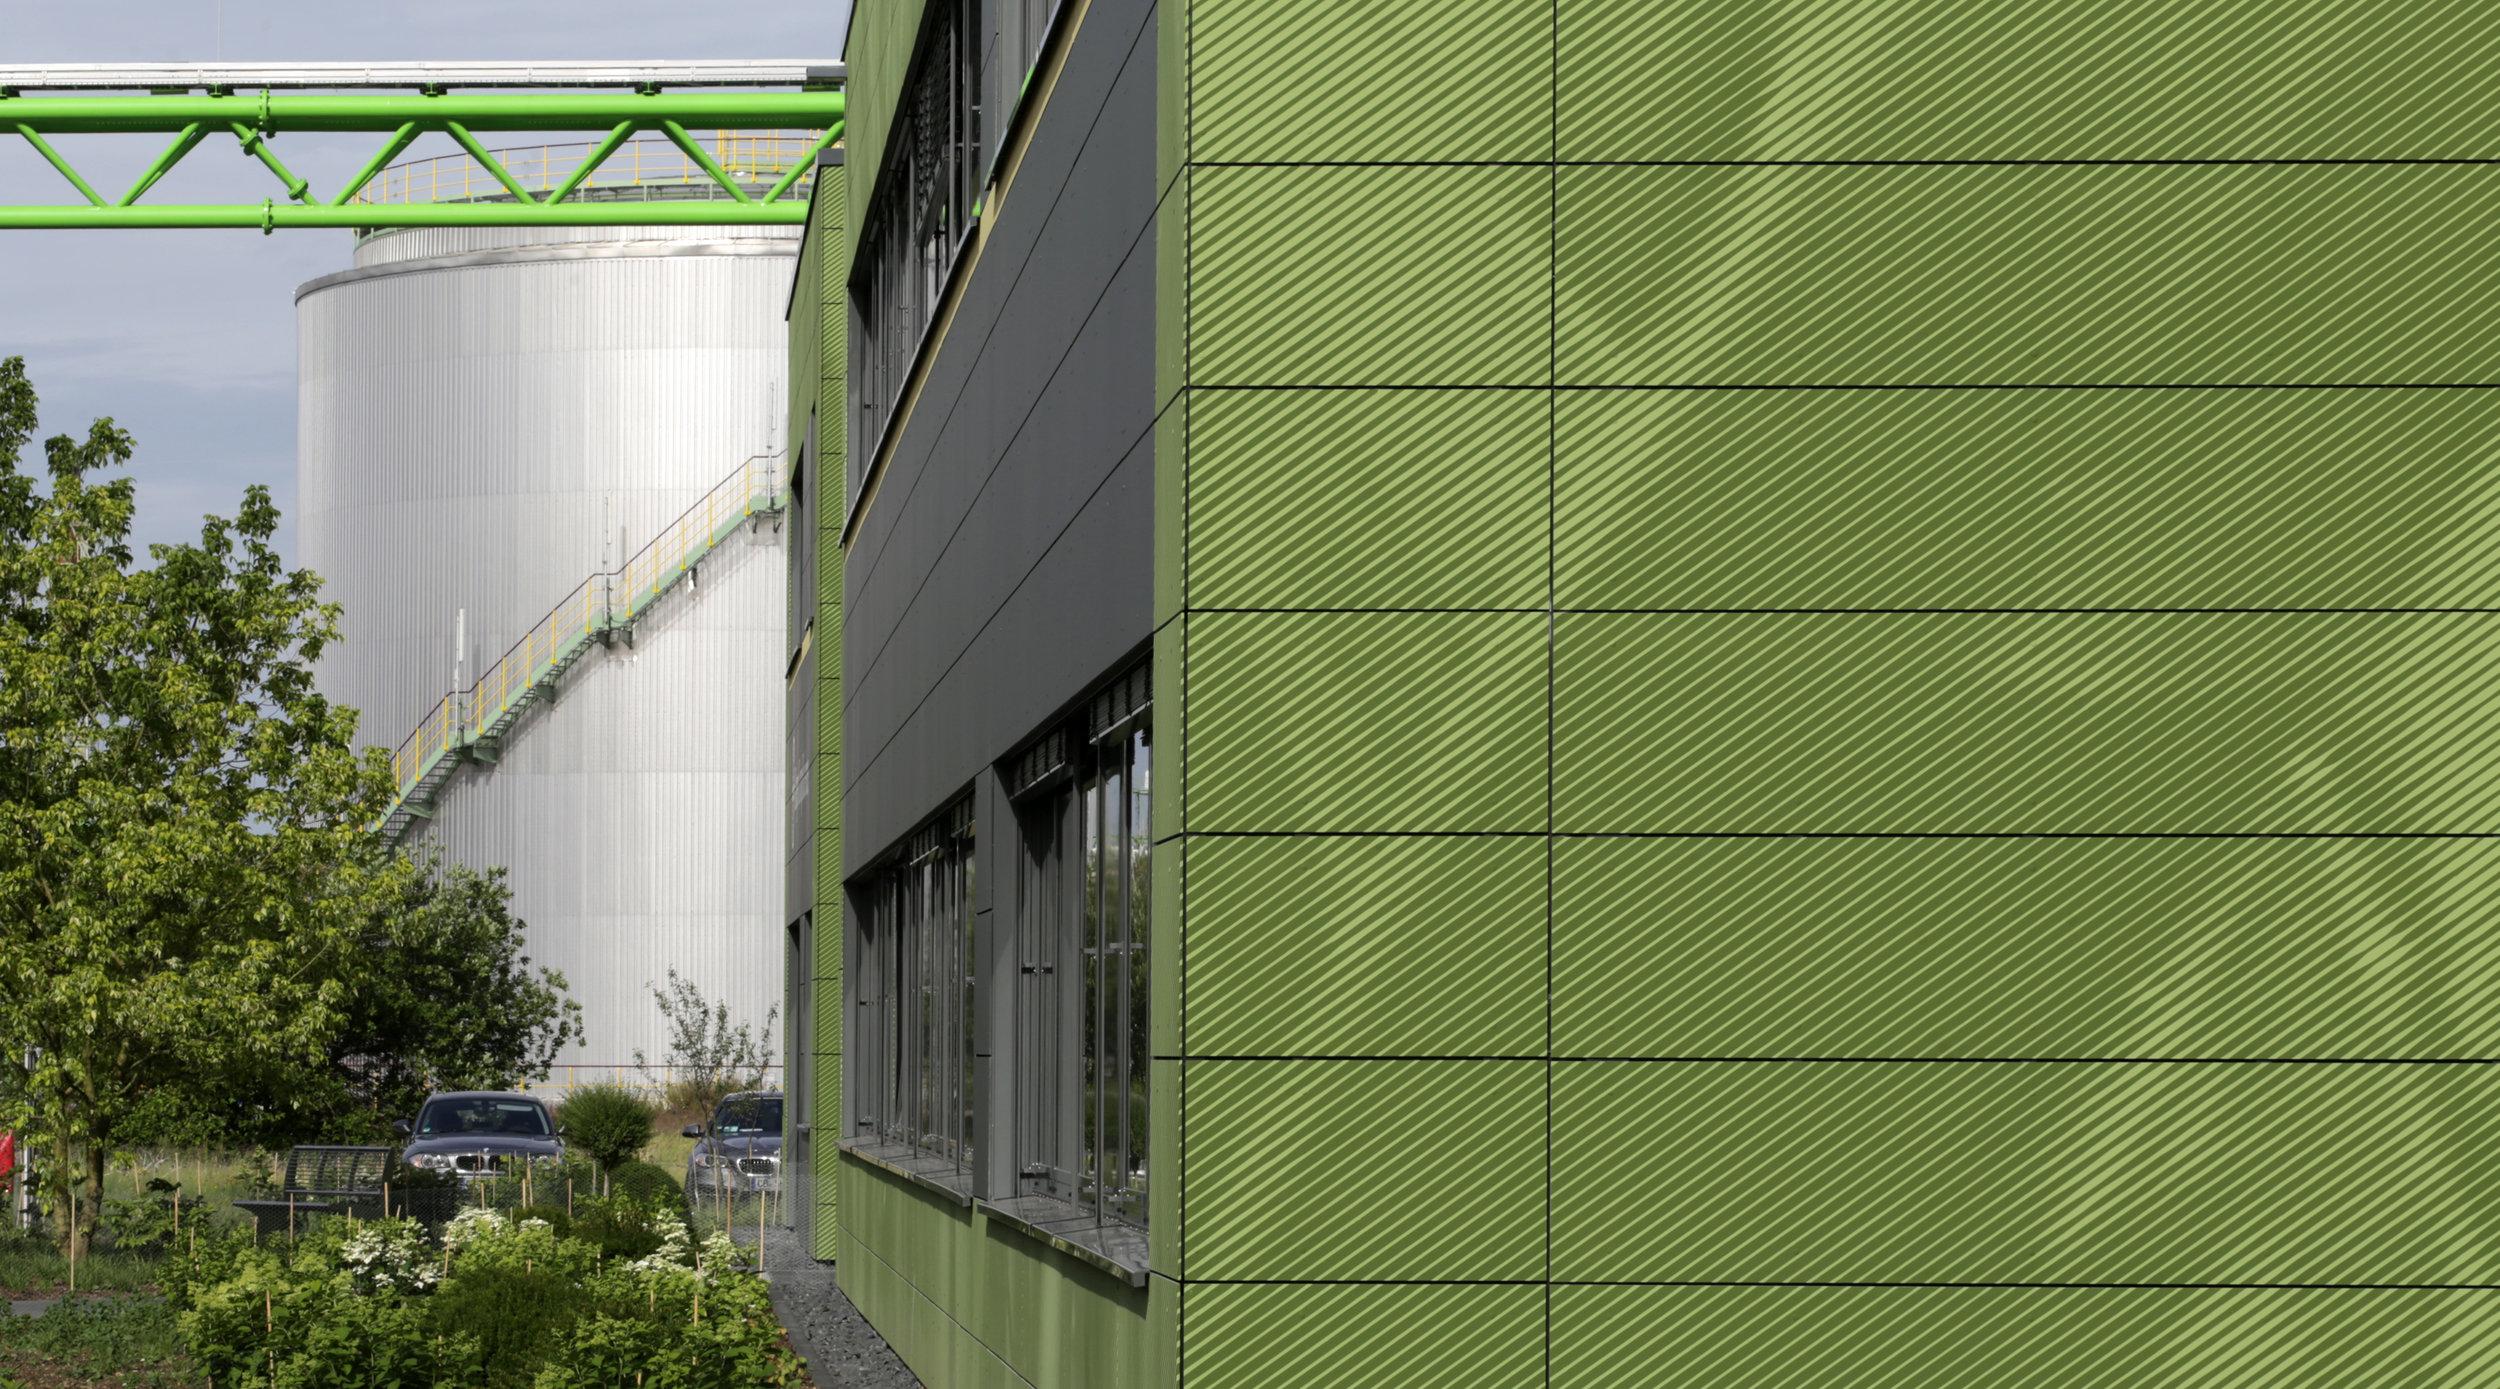 Gestaltung Auf Fassadenplatten Und Fassadenverkleidungen S H